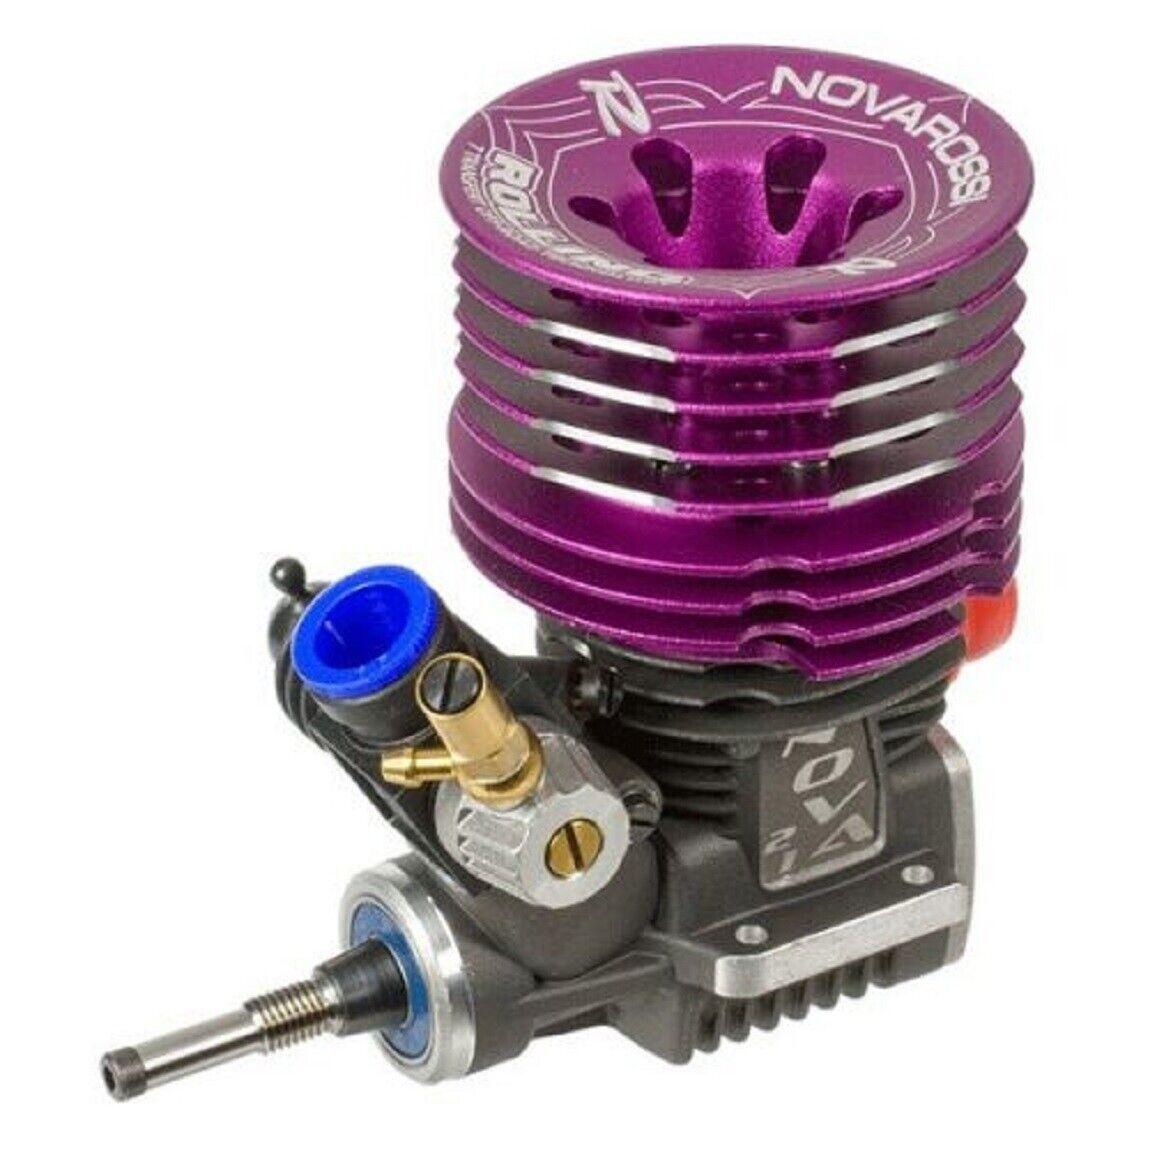 ENGINE  MOTORE NOVAROSSI ROLLING .21 7 stroke OFF strada STELL ACCIAIO ON strada  spedizione gratuita!